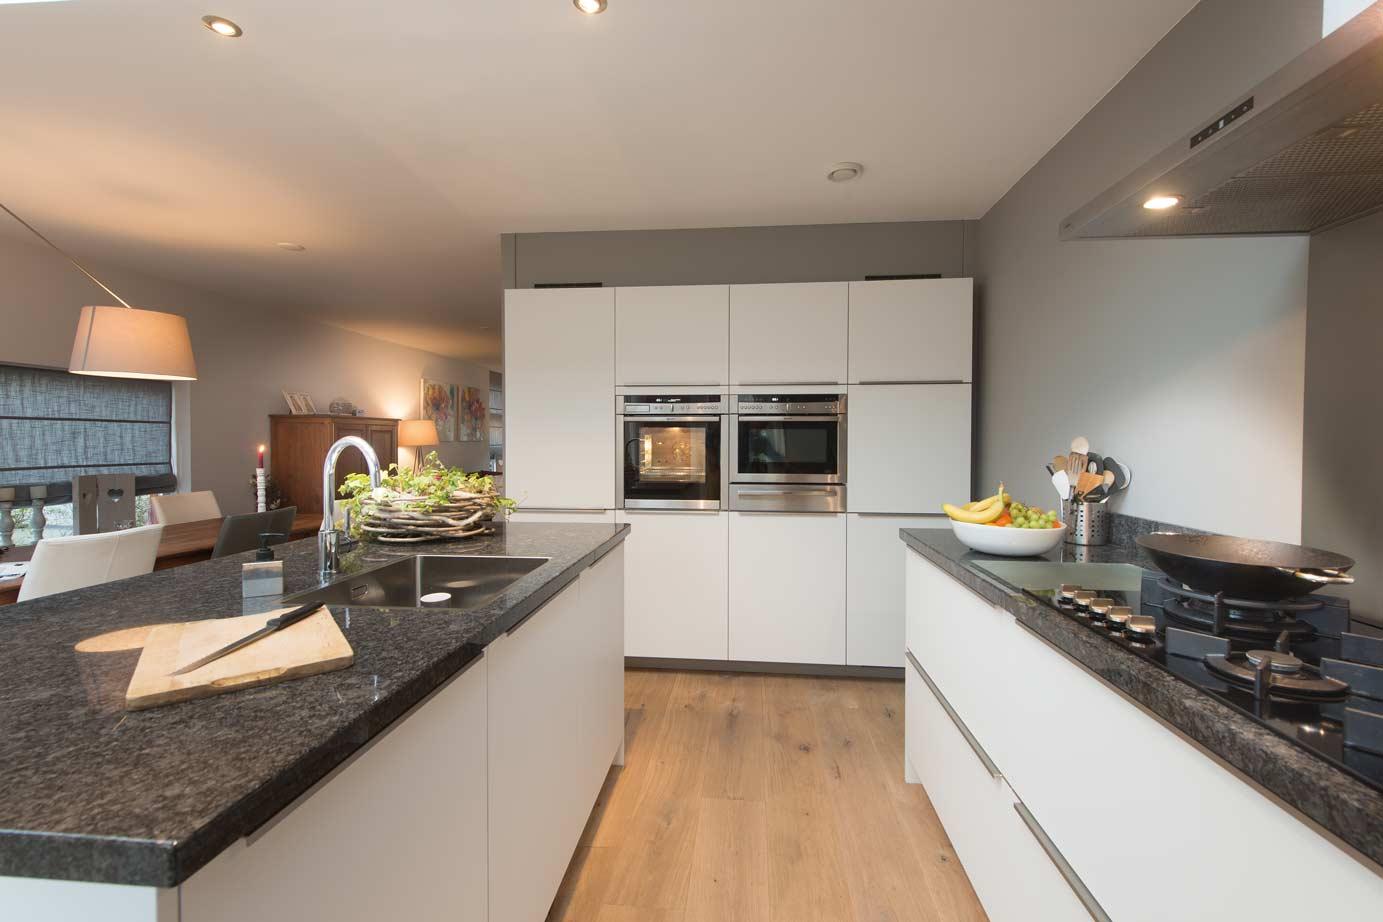 Keuken Strak Design : Keuken Kopen Complete Keukens En Keukenkasten Bij Review Ebooks